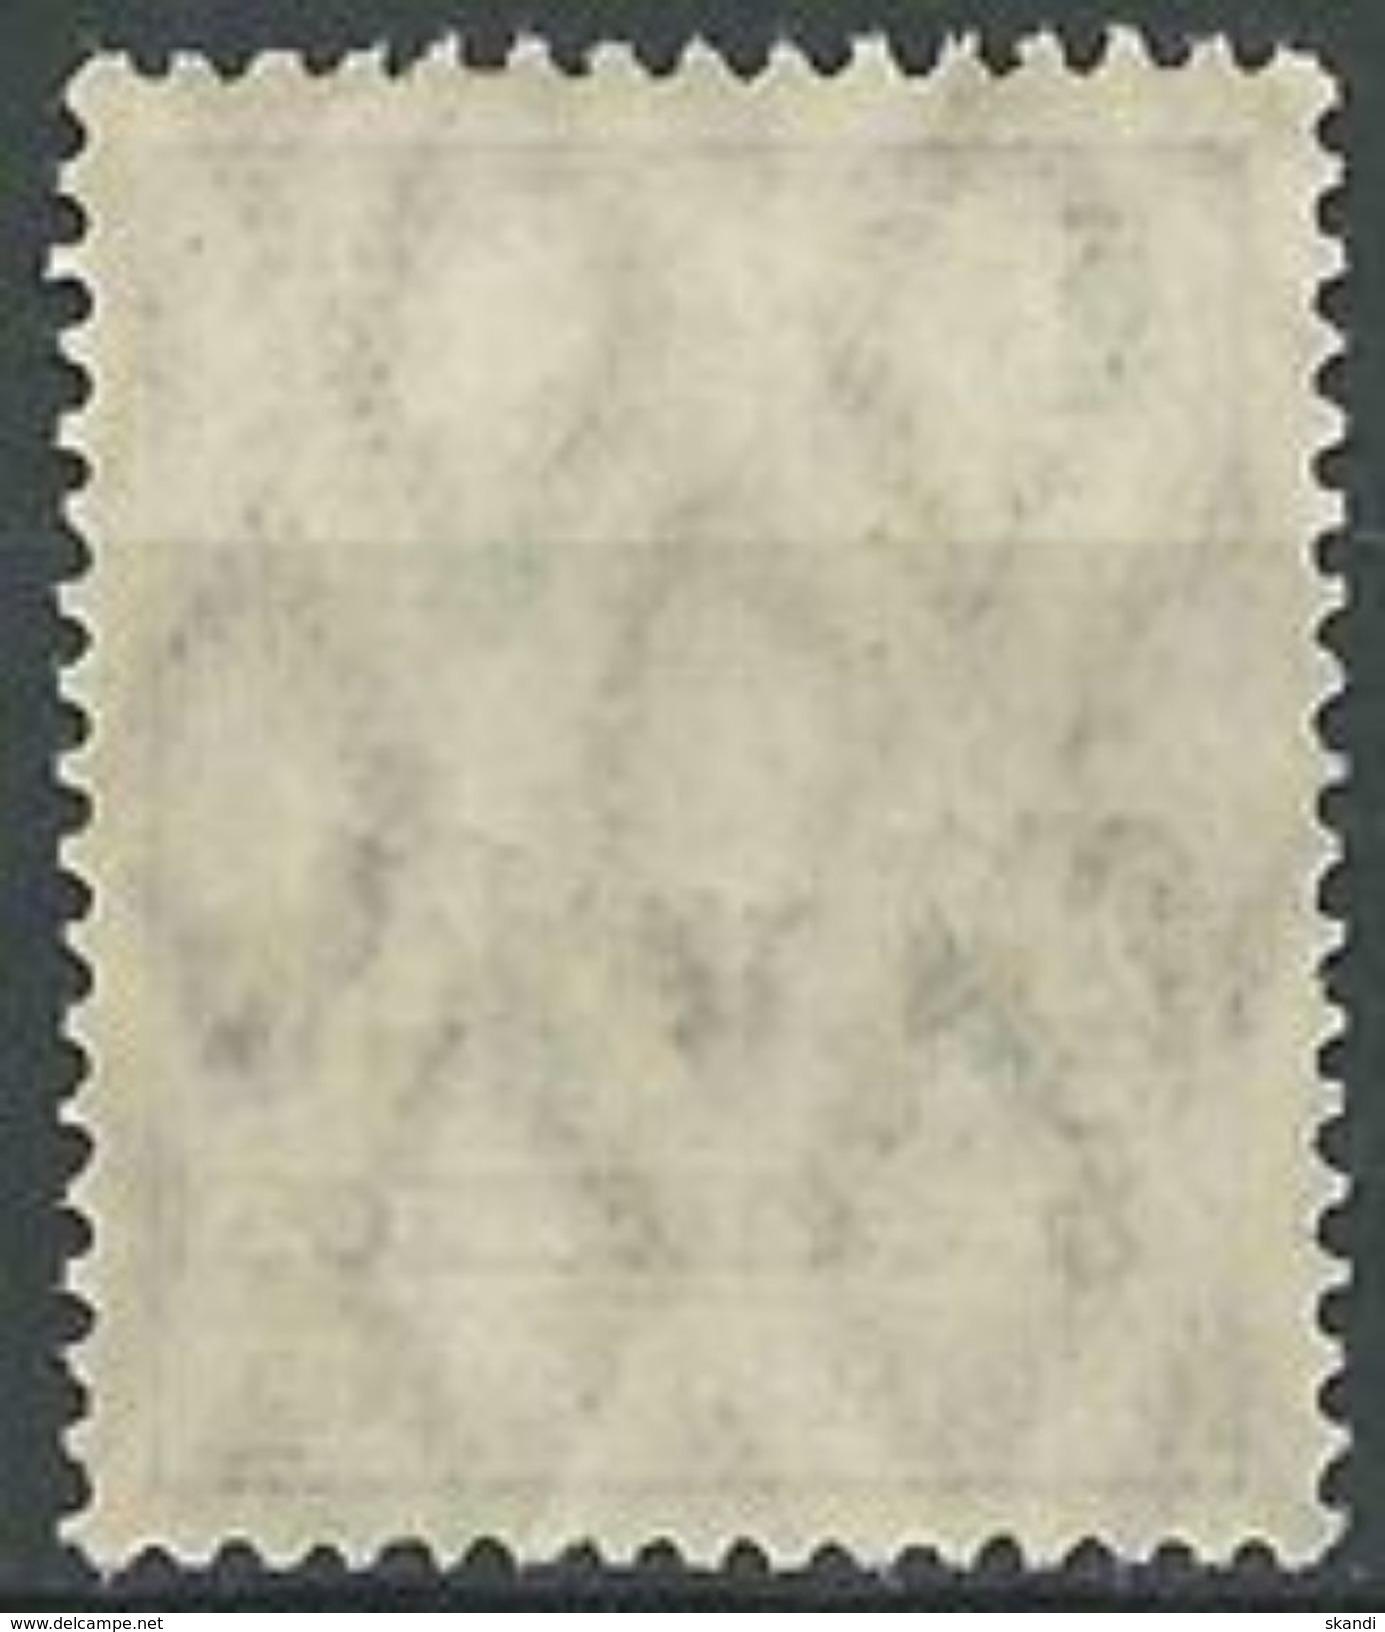 DEUTSCHE POST IN MAROKKO 1911 Mi-Nr. 47 ** MNH - Deutsche Post In Marokko